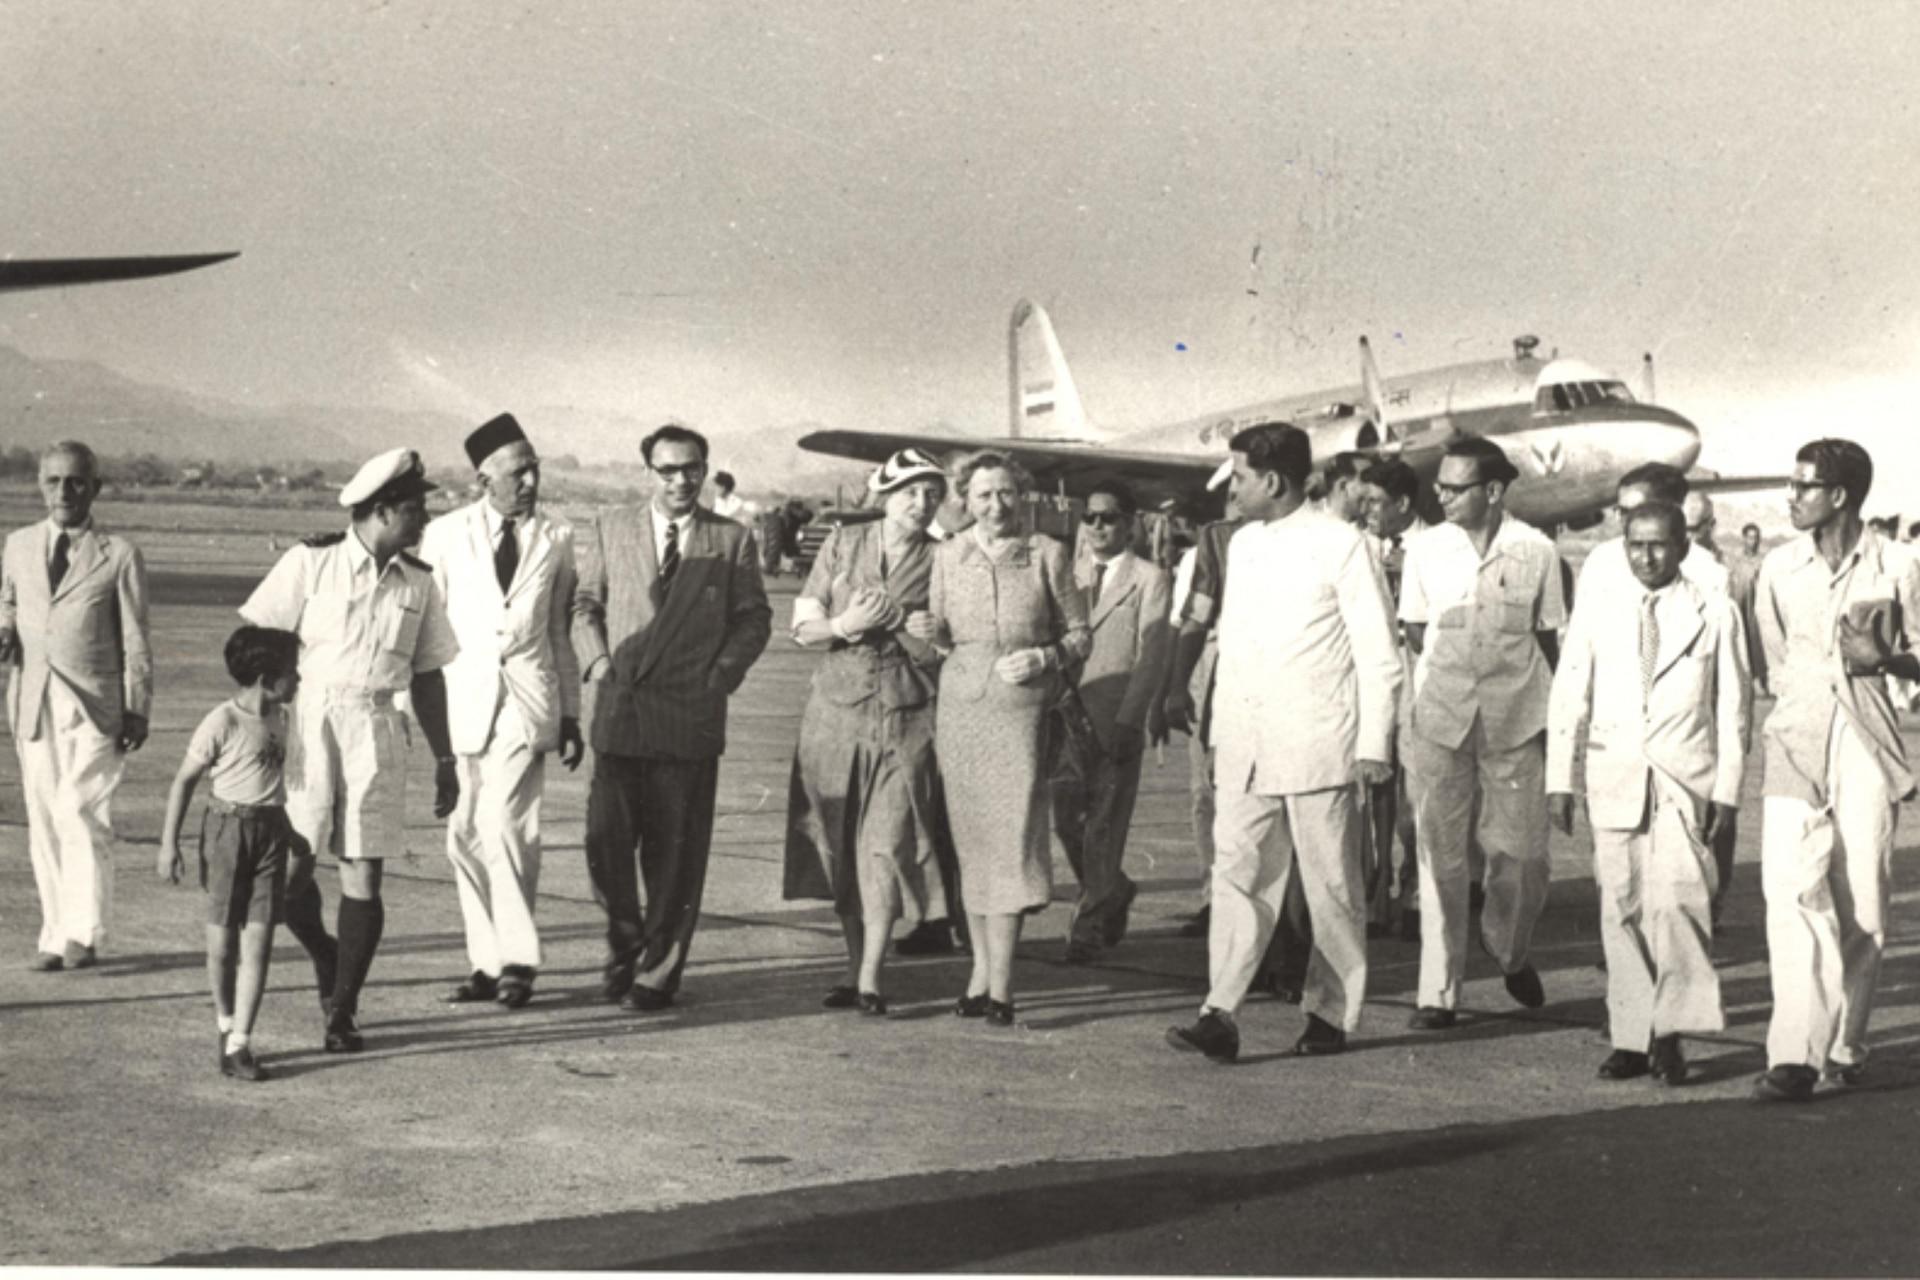 Helen en el aeropuerto de Mumbai en India en 1955. Ella viajó a 39 países de todo el mundo, abogando por las personas que perdieron la visión